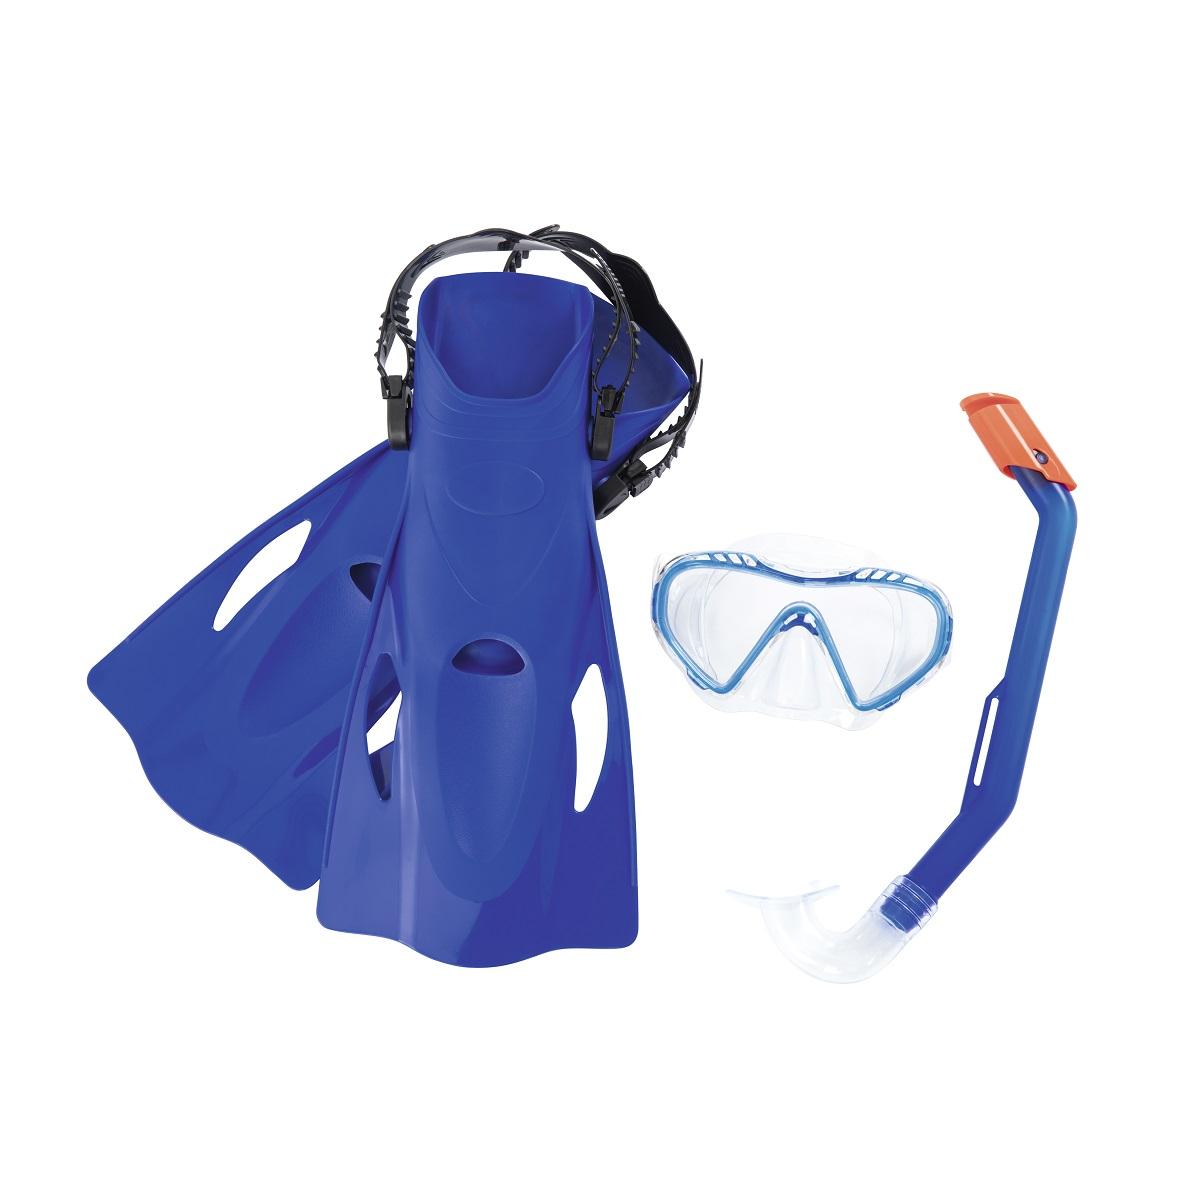 Potápěčský set BESTWAY Hydro Swim 25025 s ploutvemi - modrý